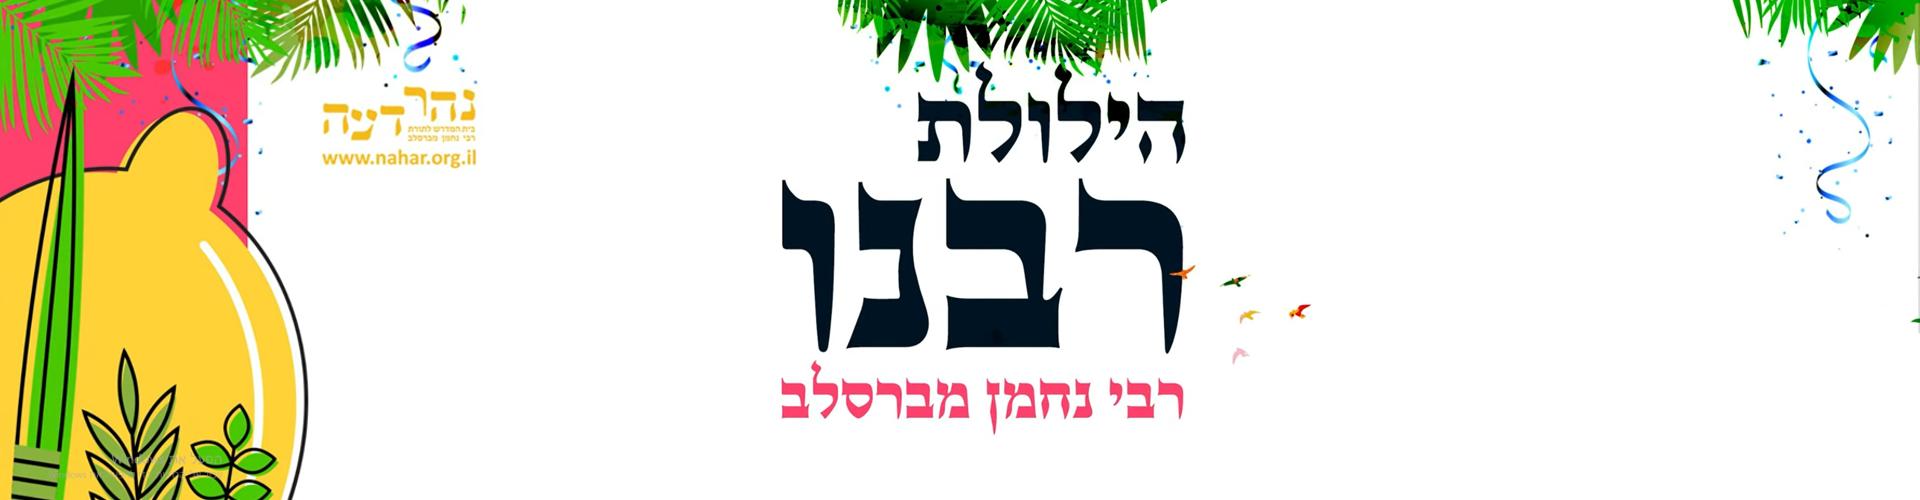 """הילולת רבינו תשפ""""א"""